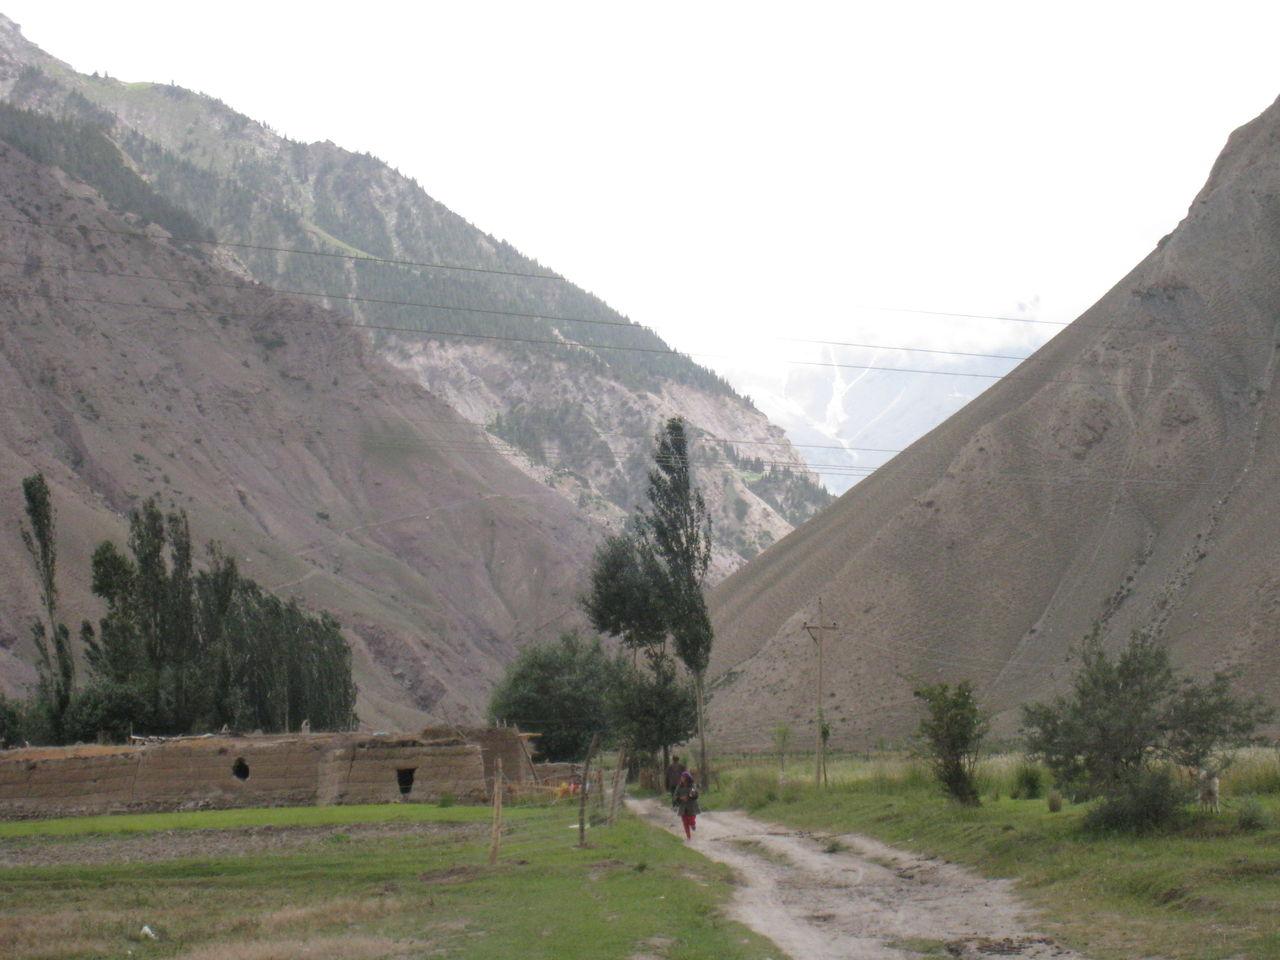 魅力之城----喀什噶尔